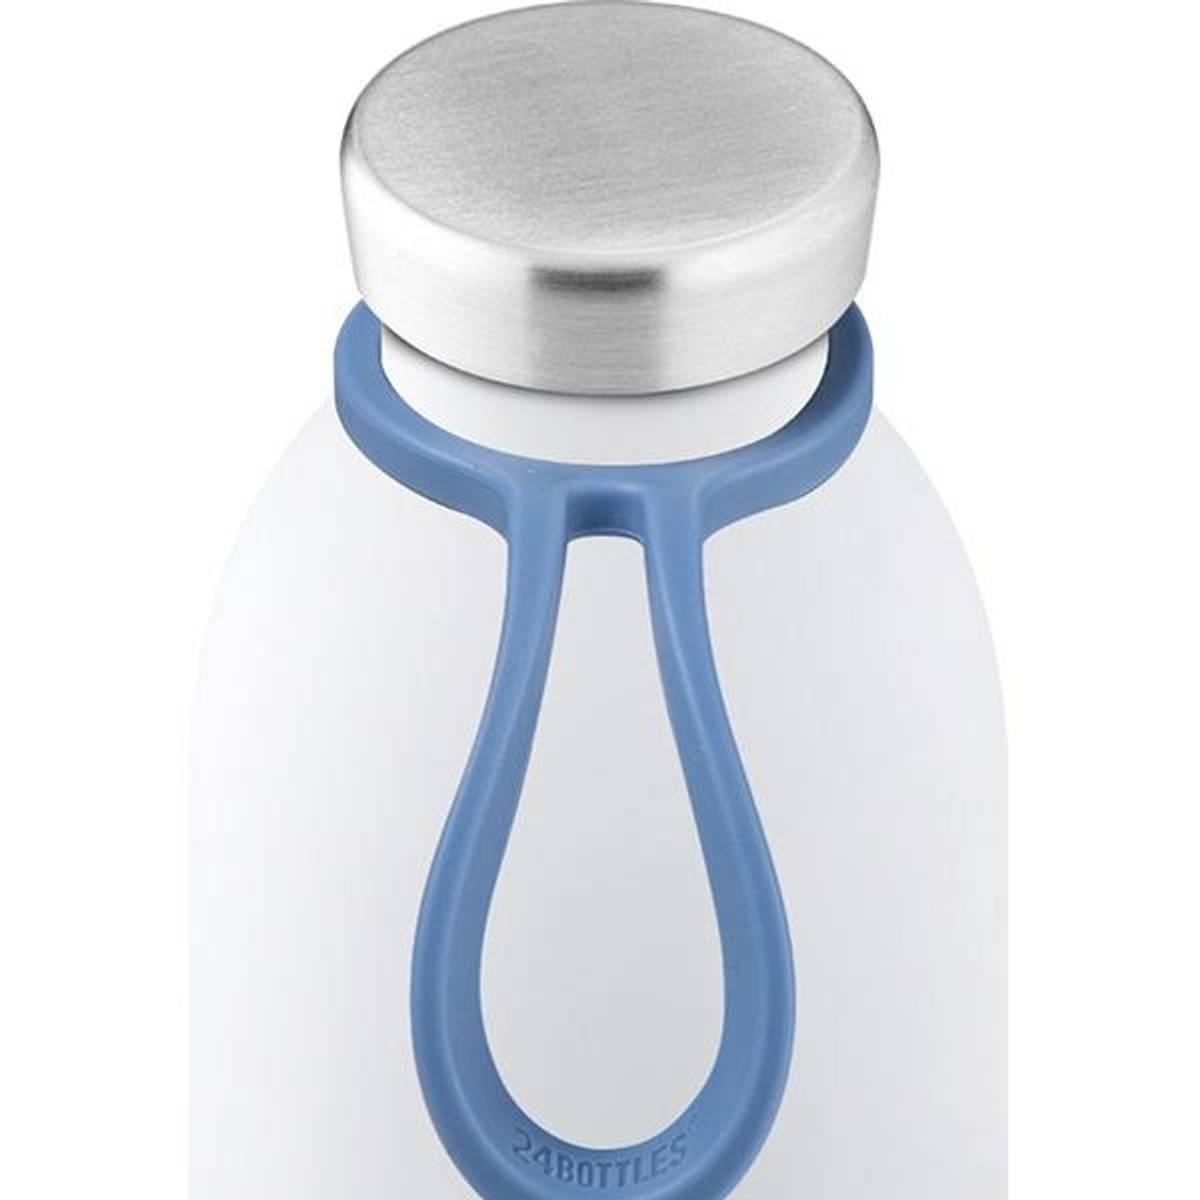 24Bottles Bottle Tie Light Blue